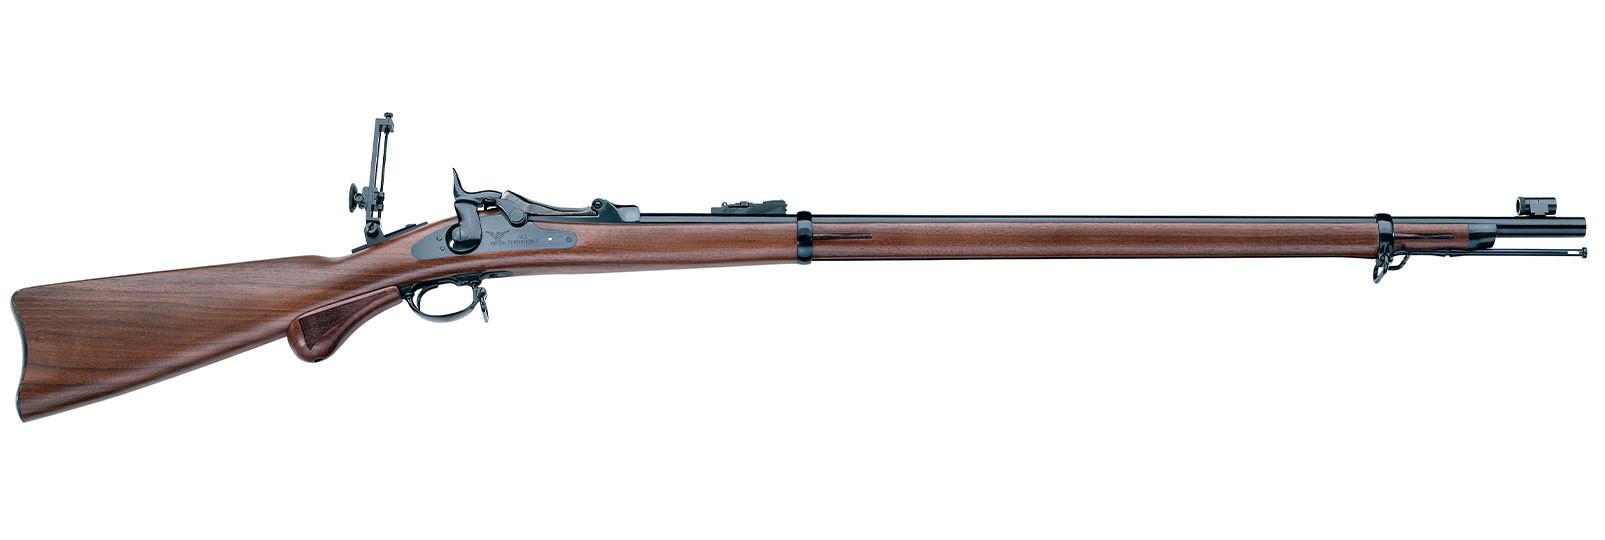 S.trapdoor long range .45-70